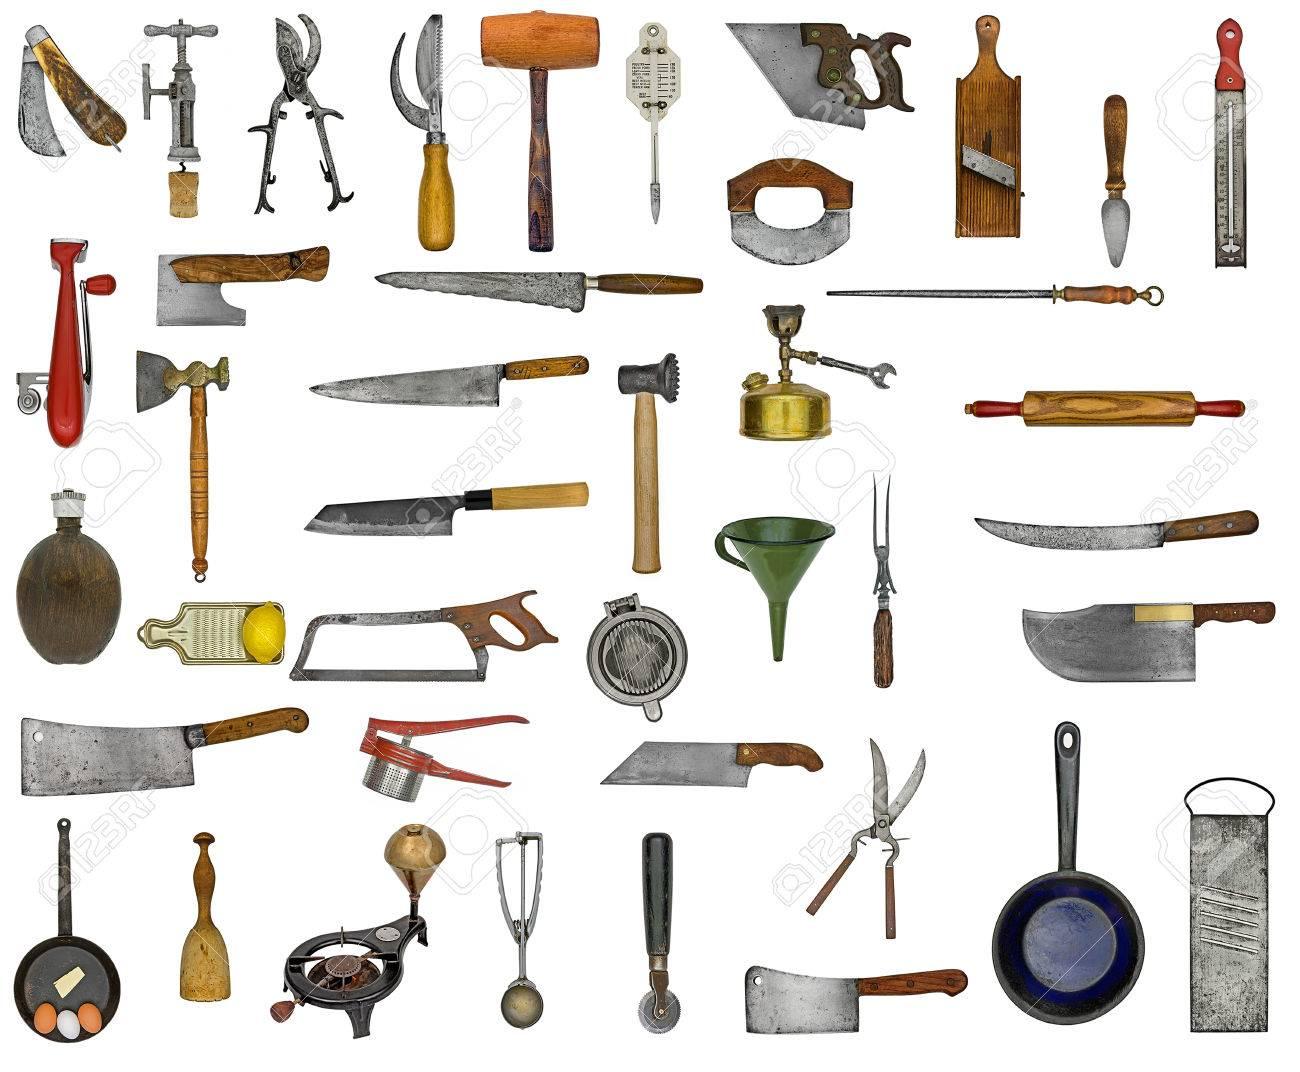 vintage kitchen utensils collage over white